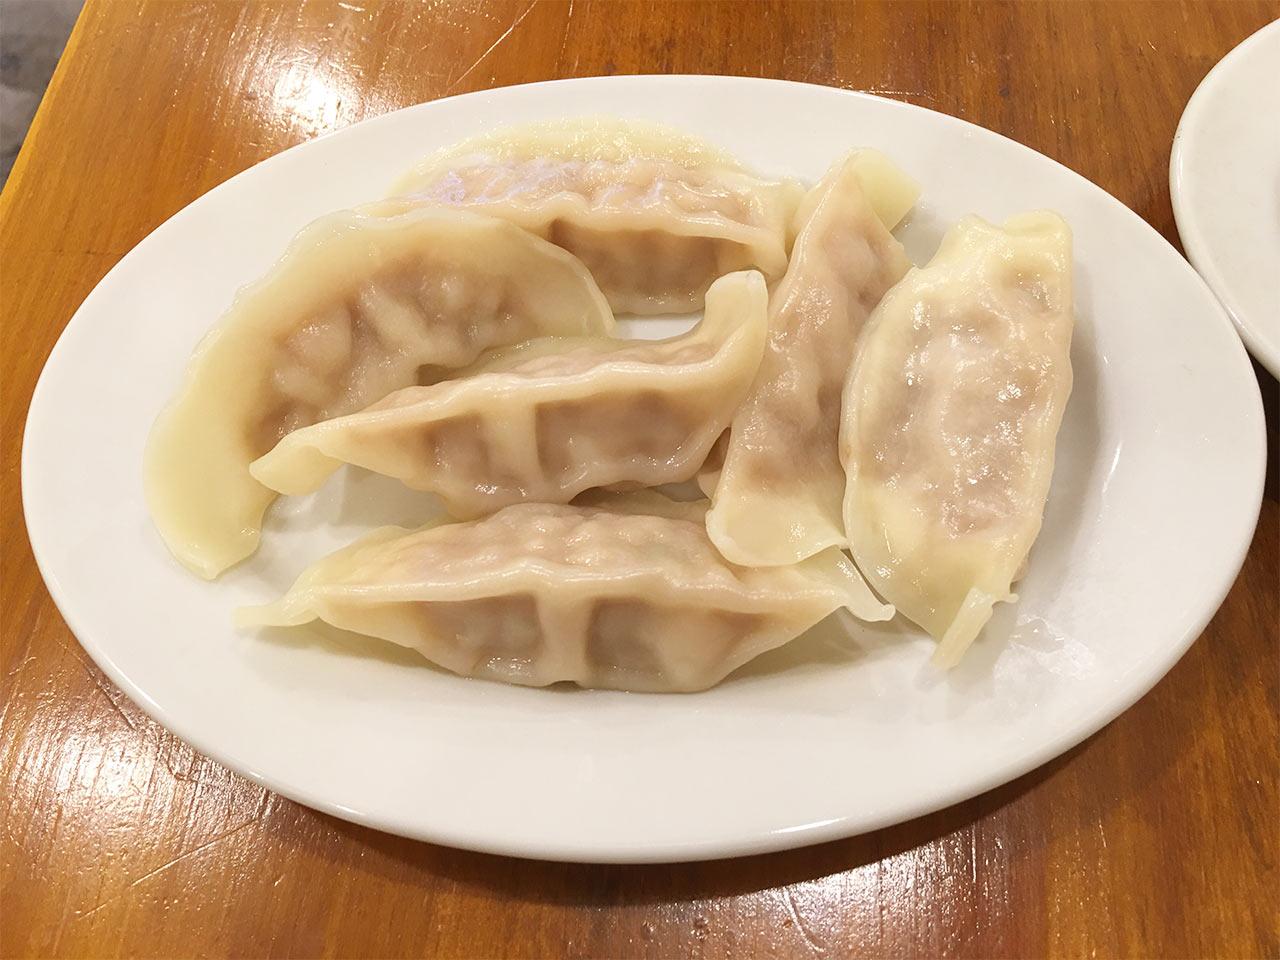 武蔵小山の餃子屋ふく肉の水餃子